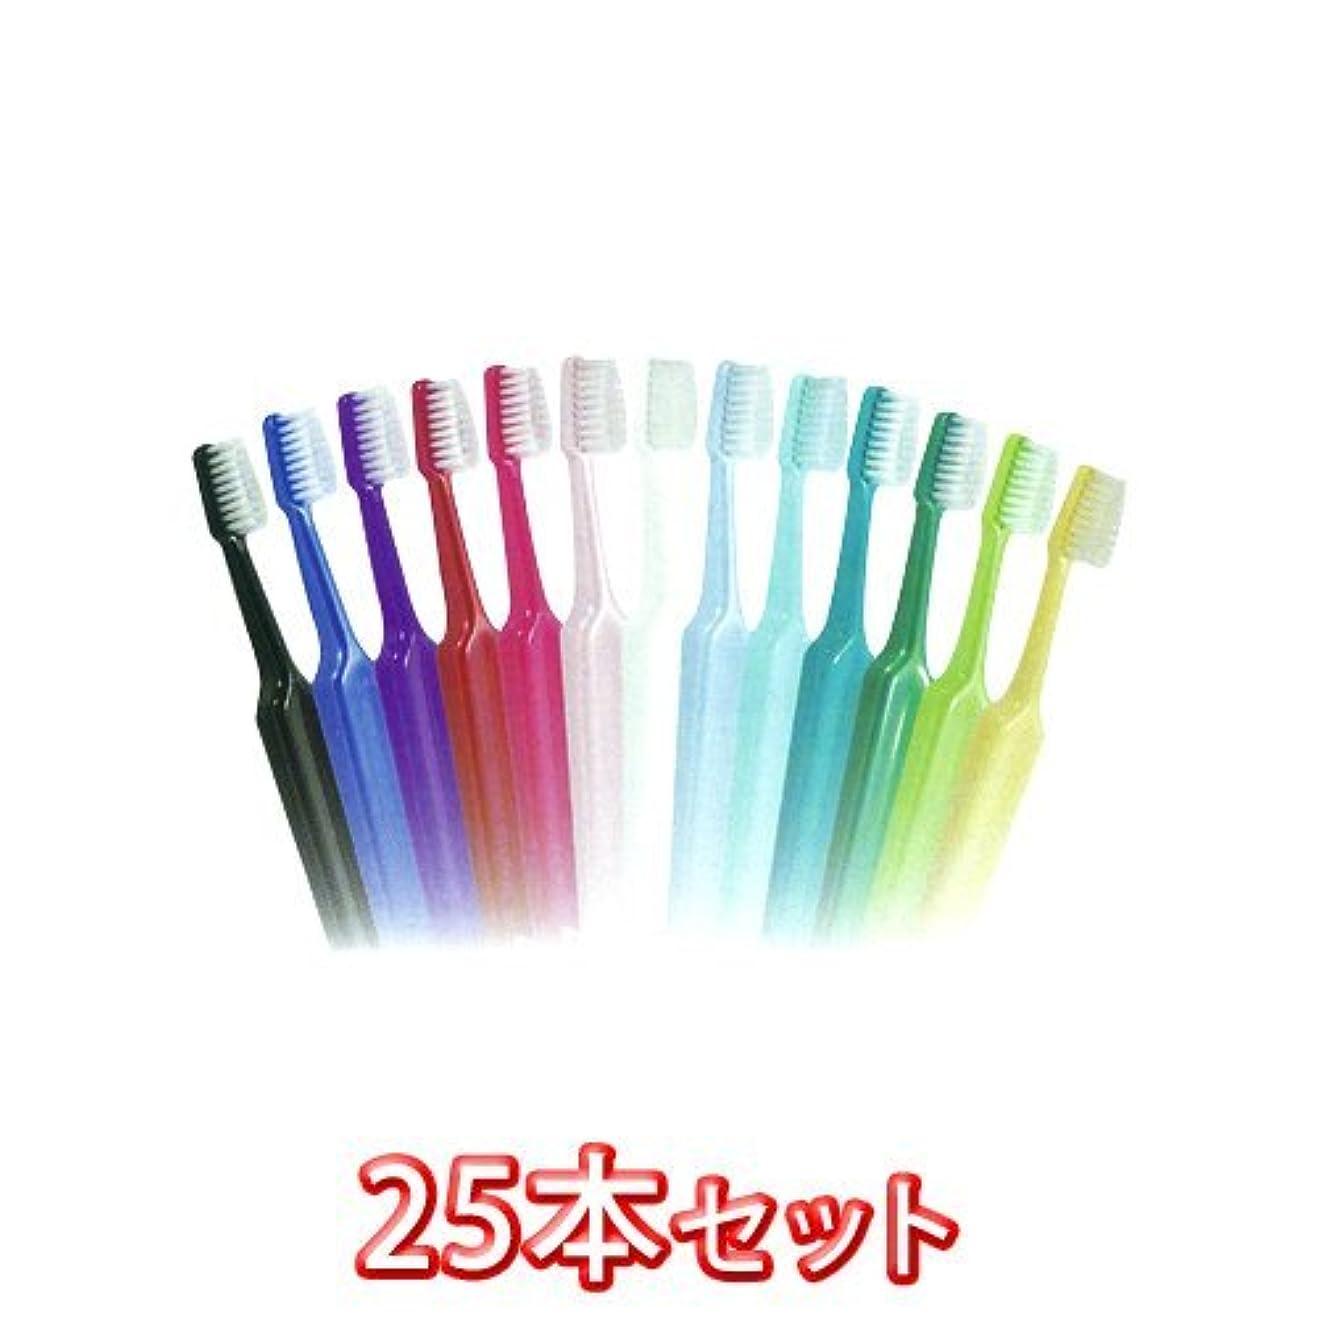 ワーカー公平敗北TePeテペセレクトコンパクト歯ブラシ 25本(コンパクトエクストラソフト)